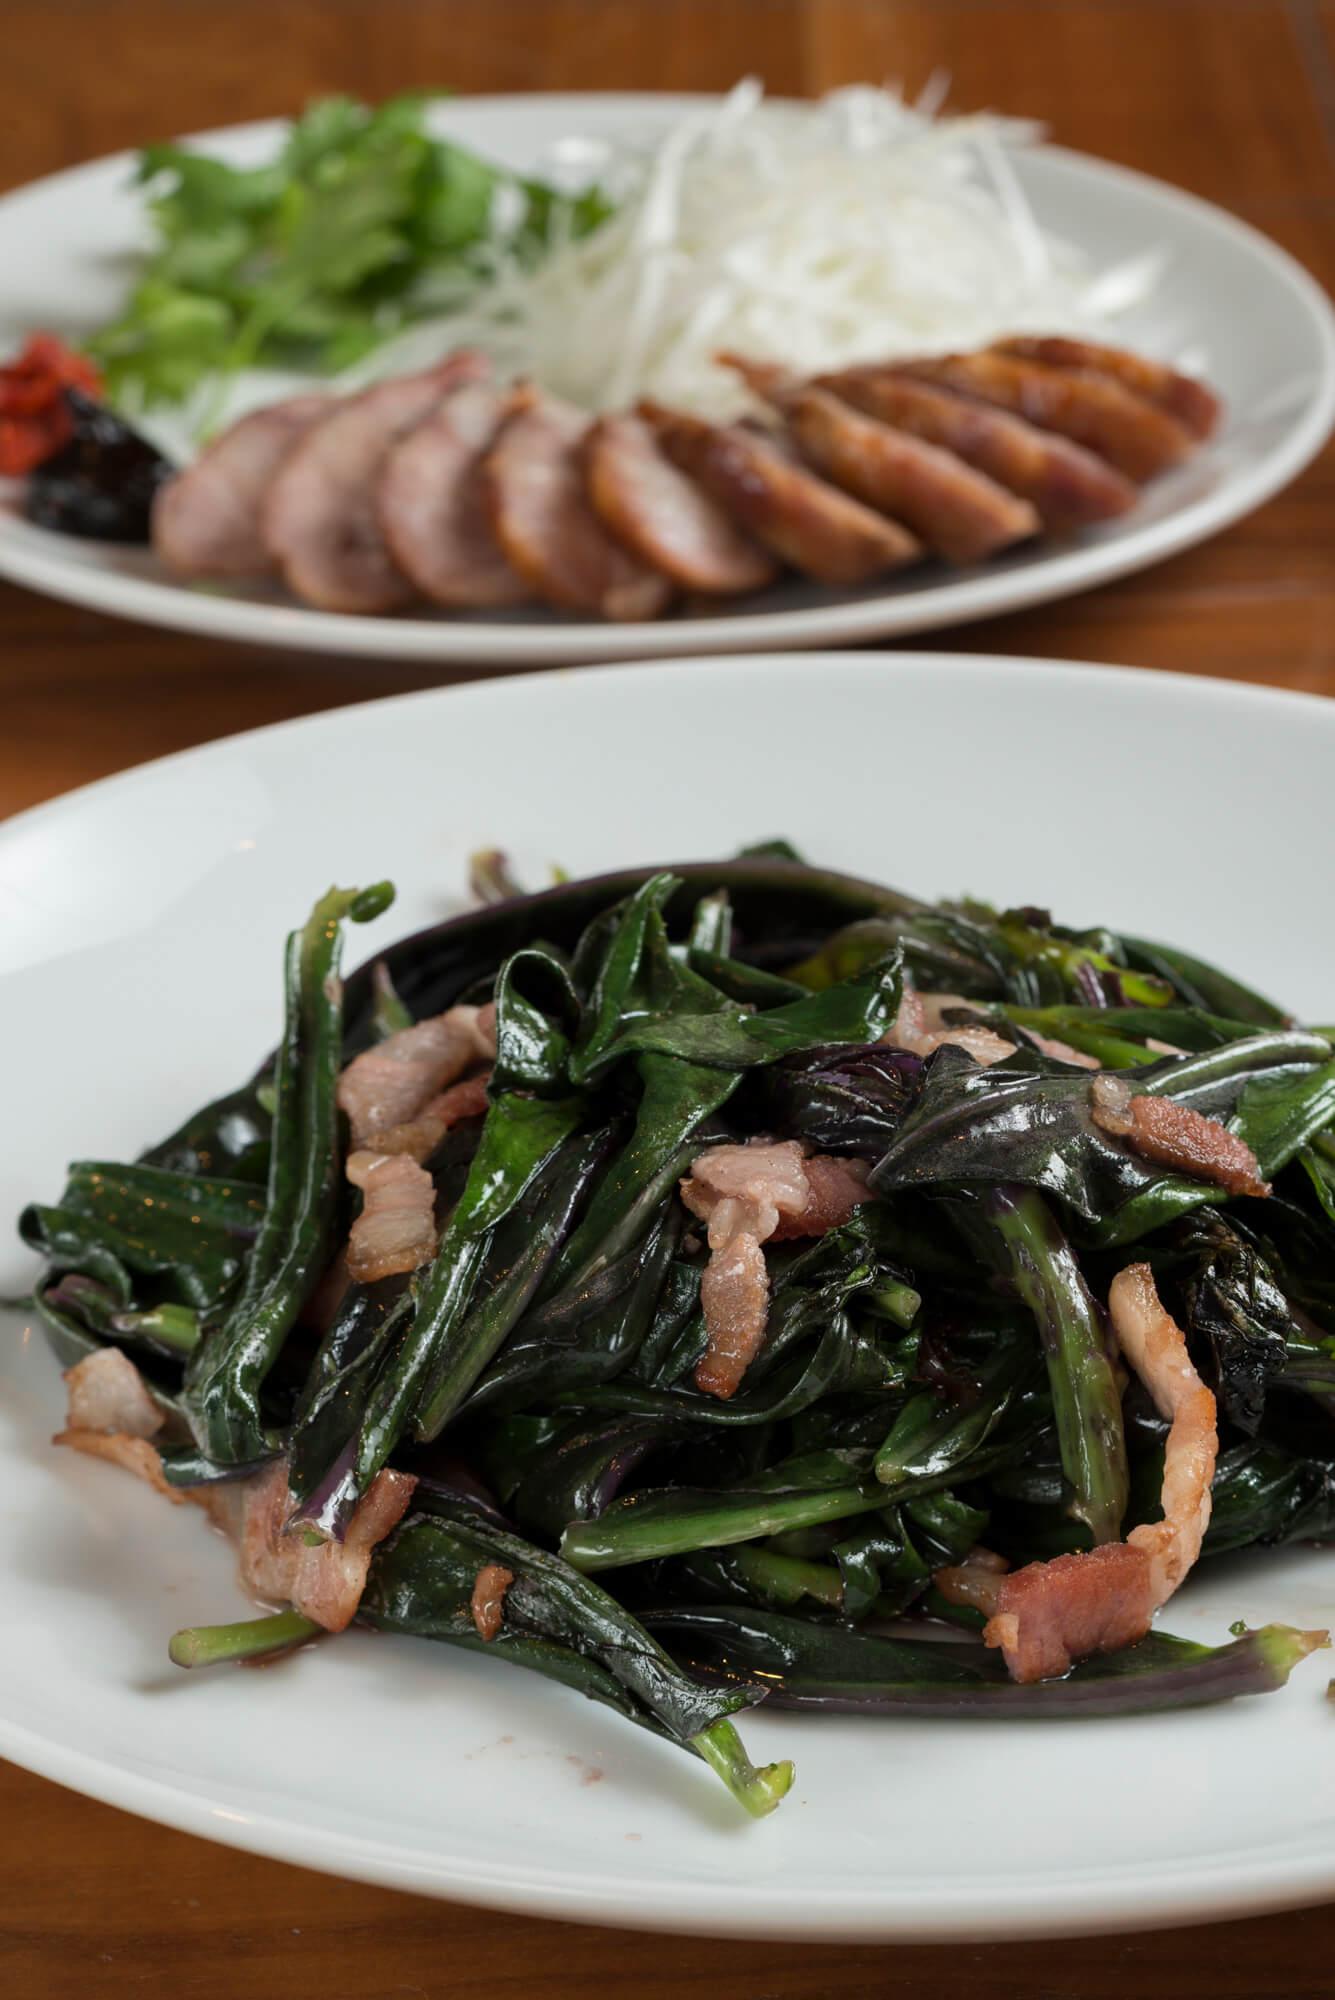 夜なら金時草と自家製ベーコンの炒め1320円、ジューシーな、自家製腸詰め880円なども。